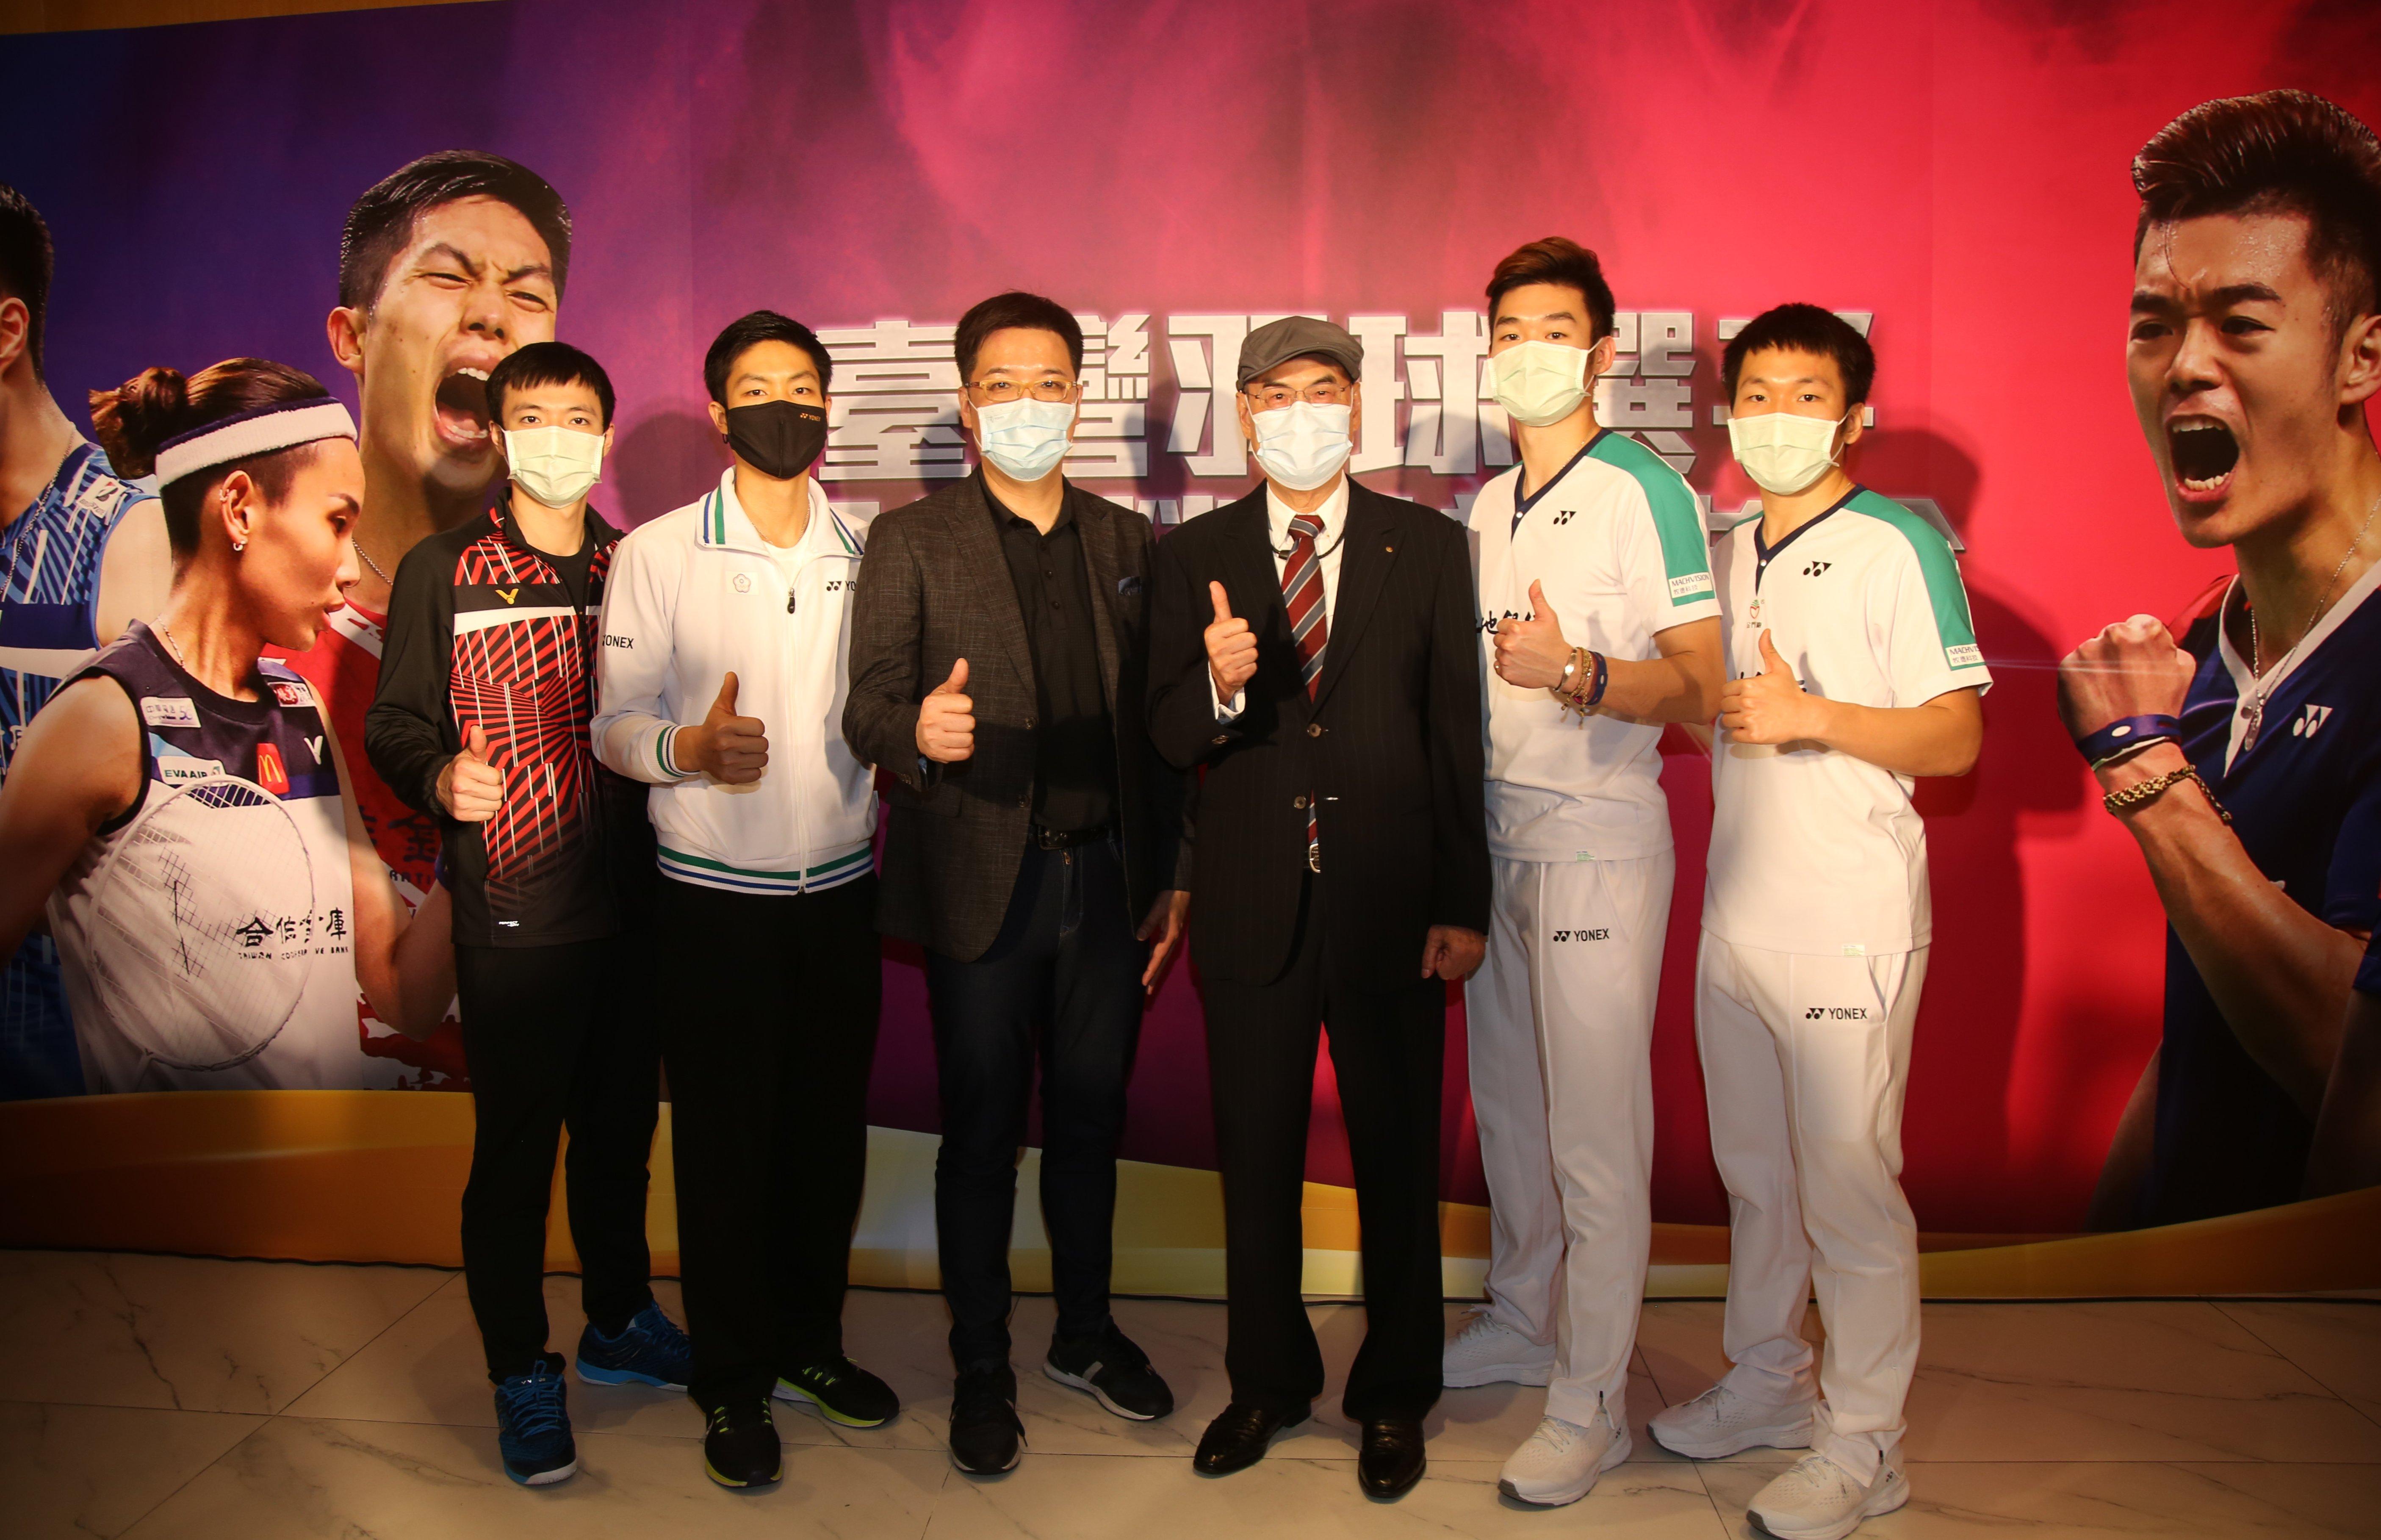 王子維(左起)、周天成、中華民國羽球協會理事長張國祚、和泰興業股份有限公司董事長蘇一仲、王齊麟、李洋共同出席羽球凱旋榮歸表揚活動。